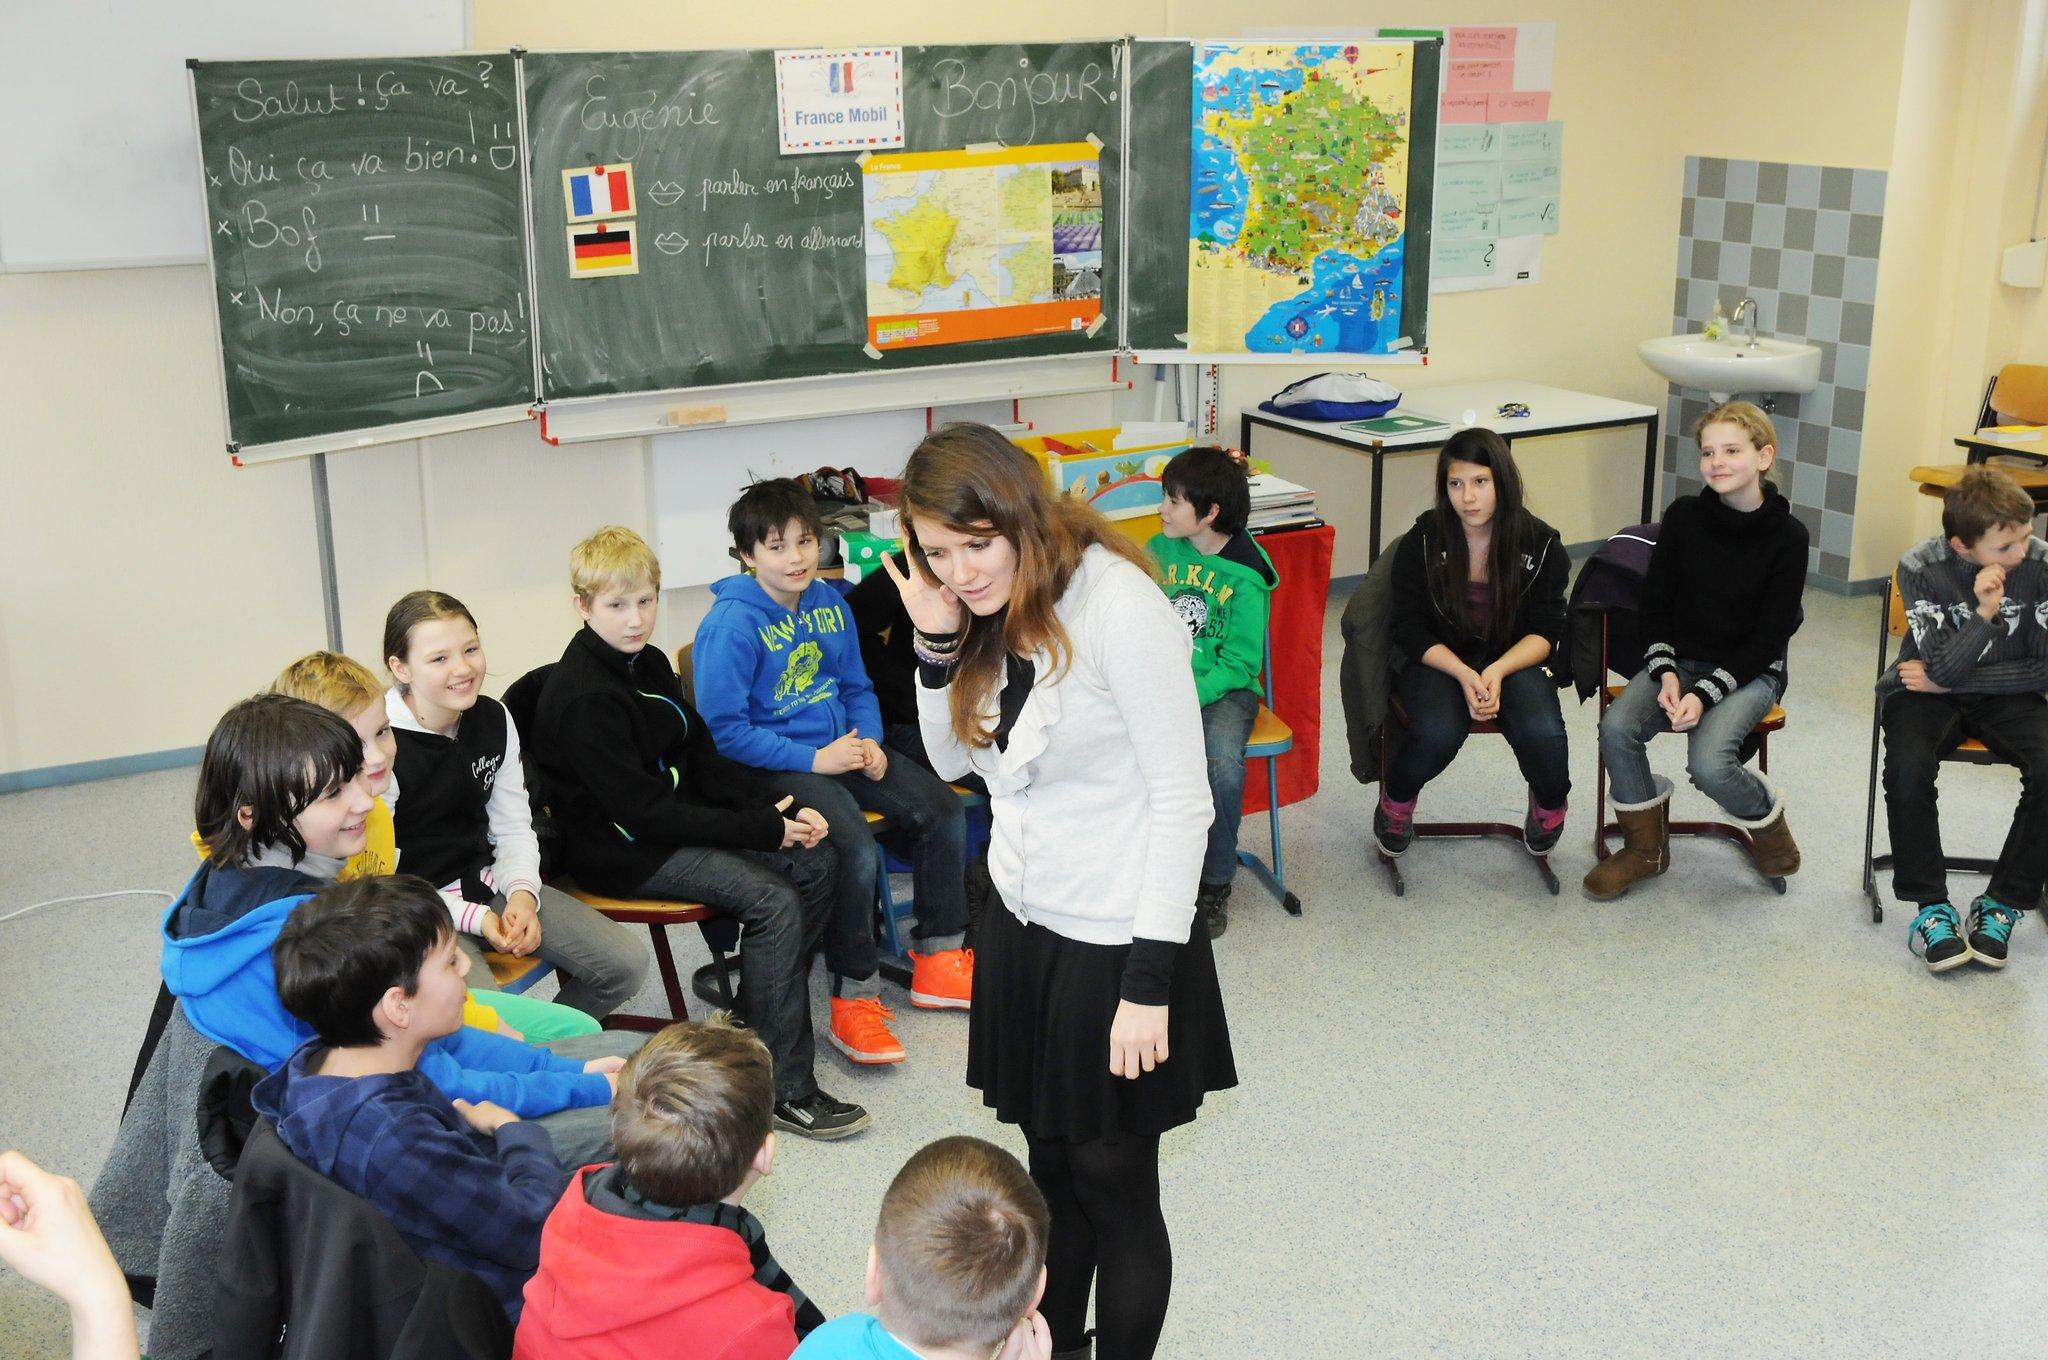 Kultur kennenlernen franzosisch